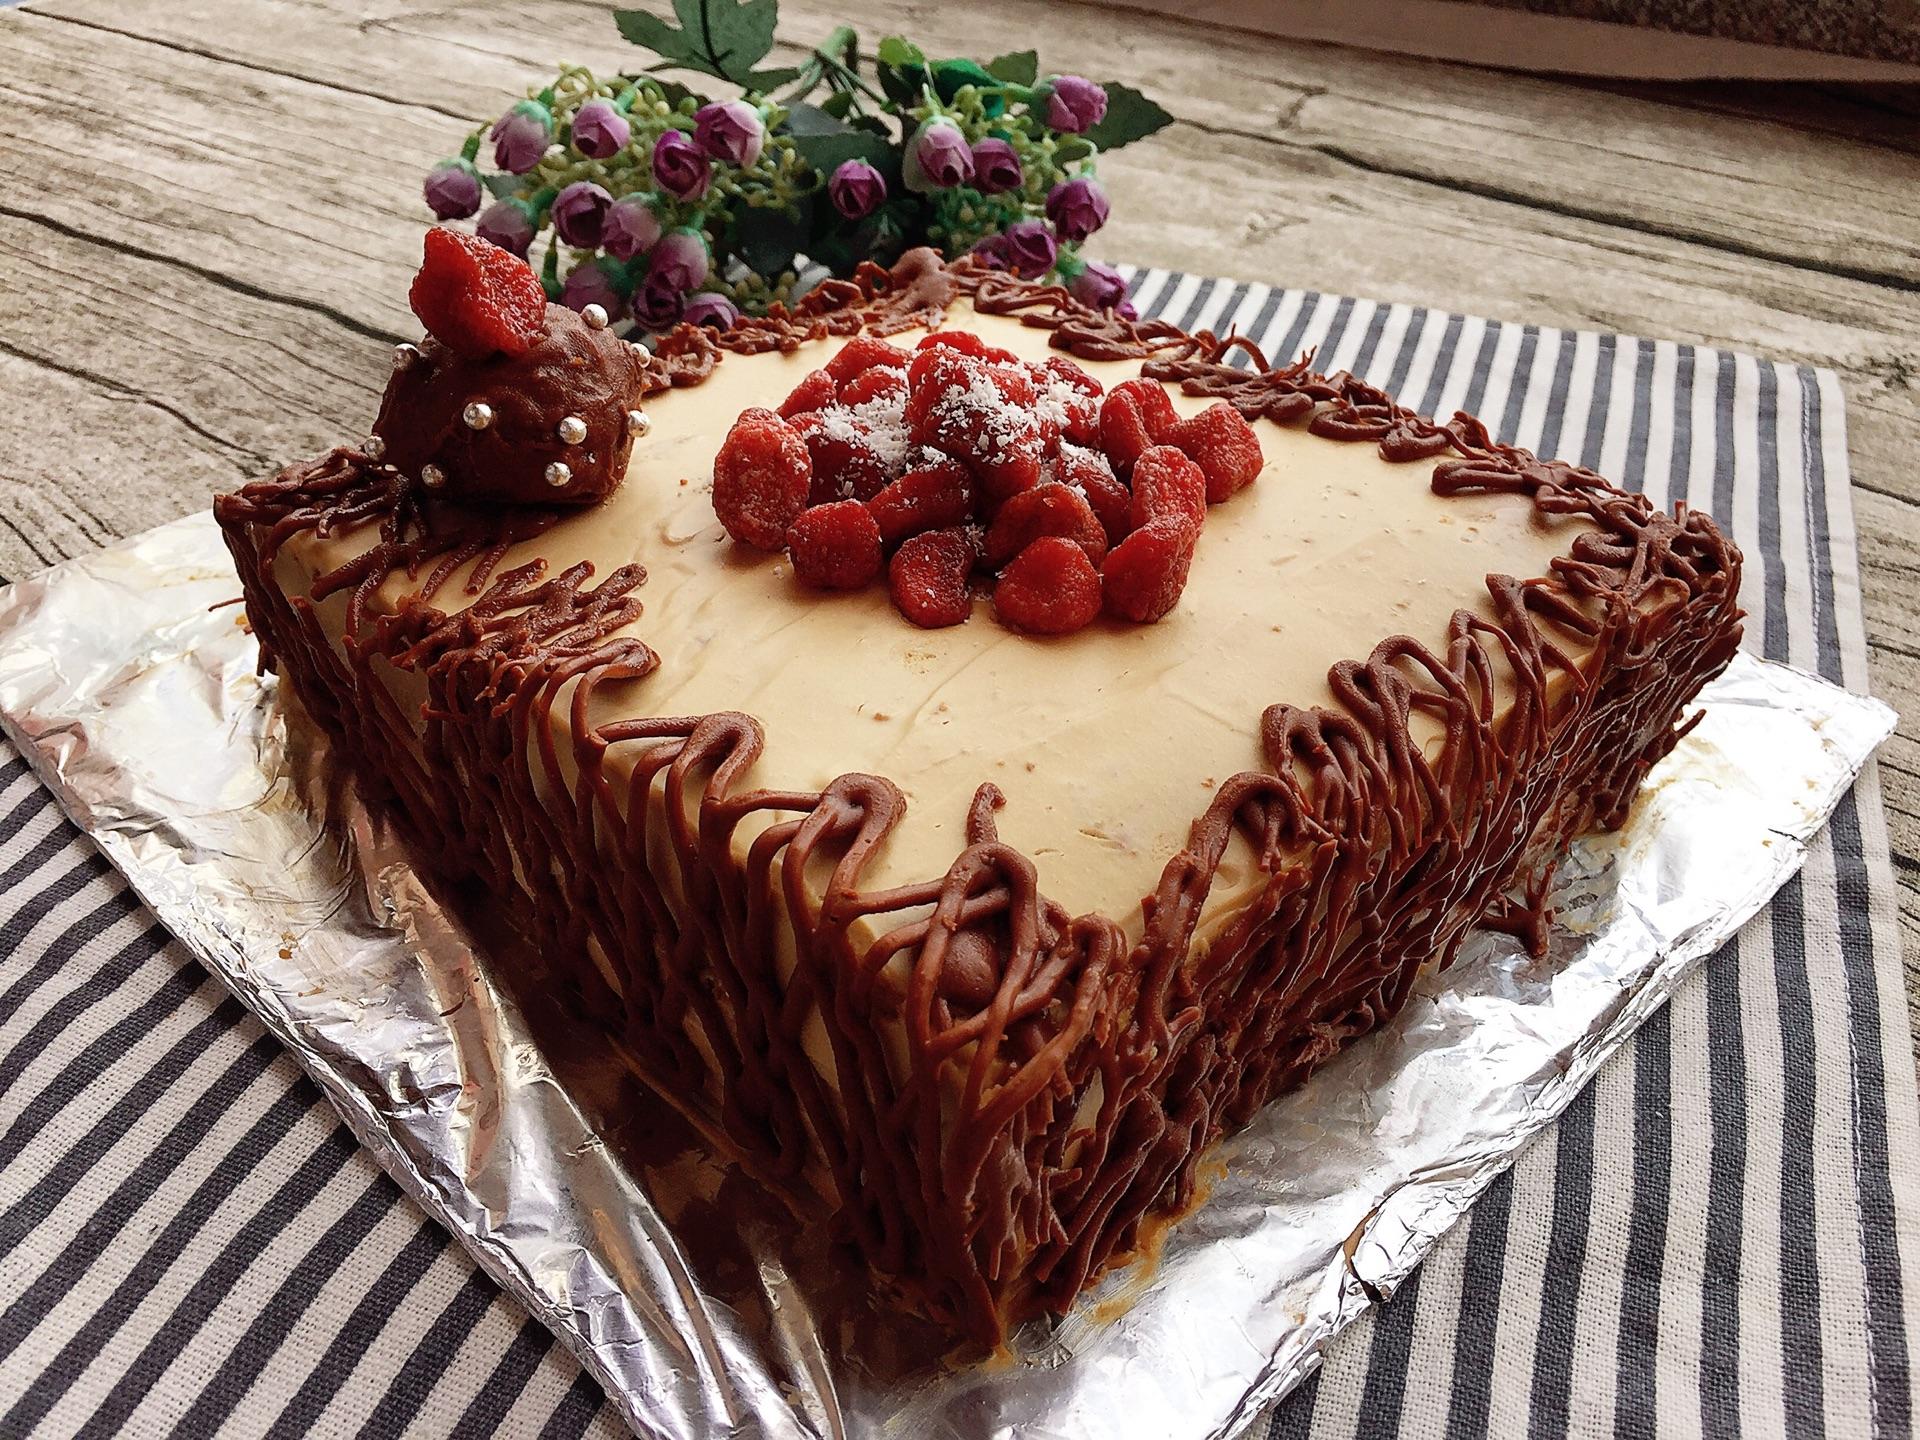 草莓巧克力蛋糕的做法_【圖解】草莓巧克力蛋糕怎么做如何做好吃_草莓巧克力蛋糕家常做法大全_瑗瑗baby_豆果 ...